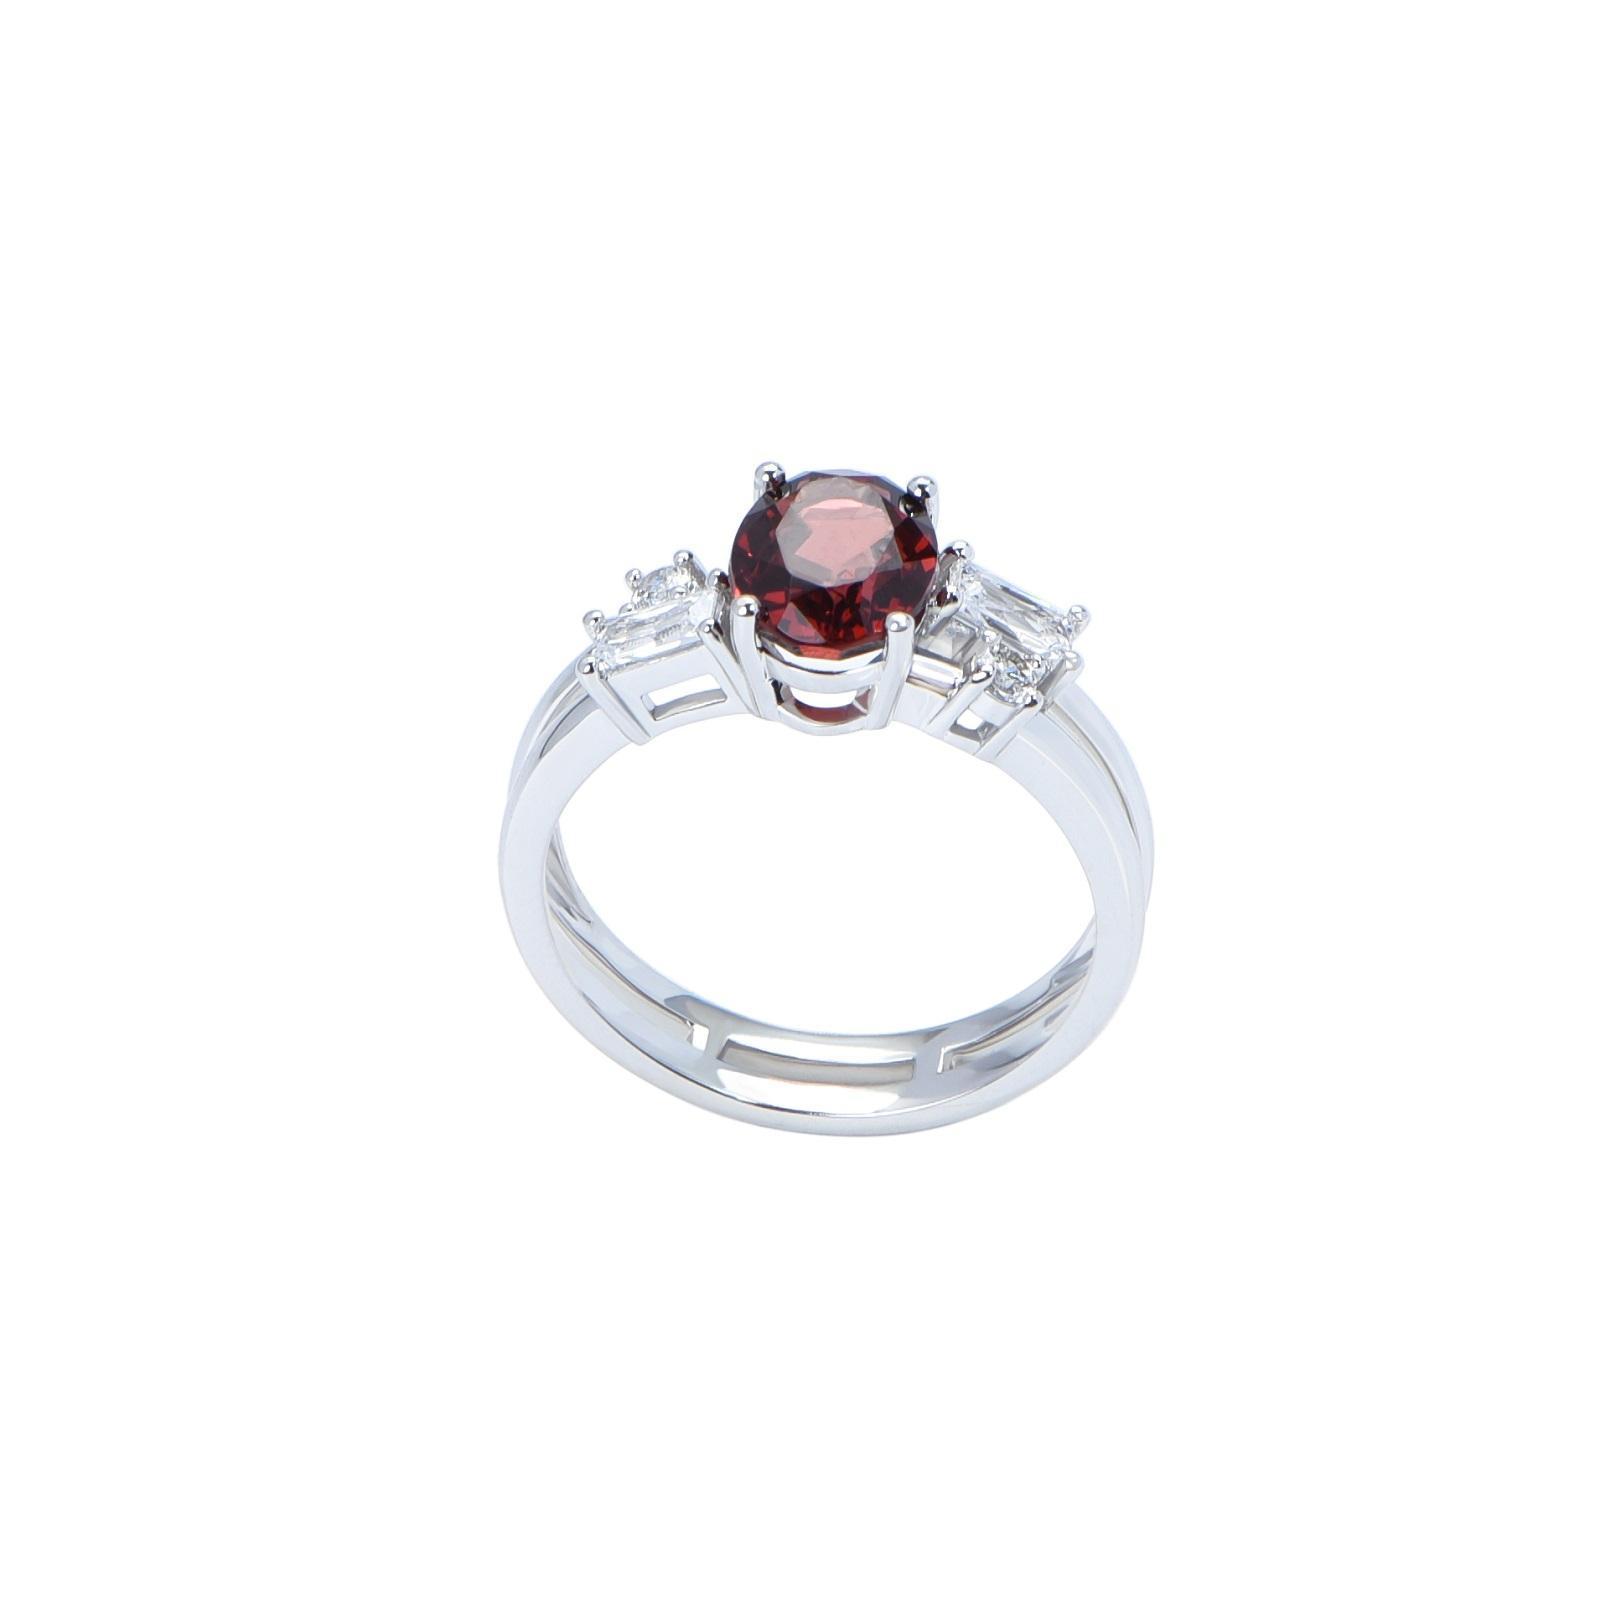 Nhẫn đá Garnet 21N079